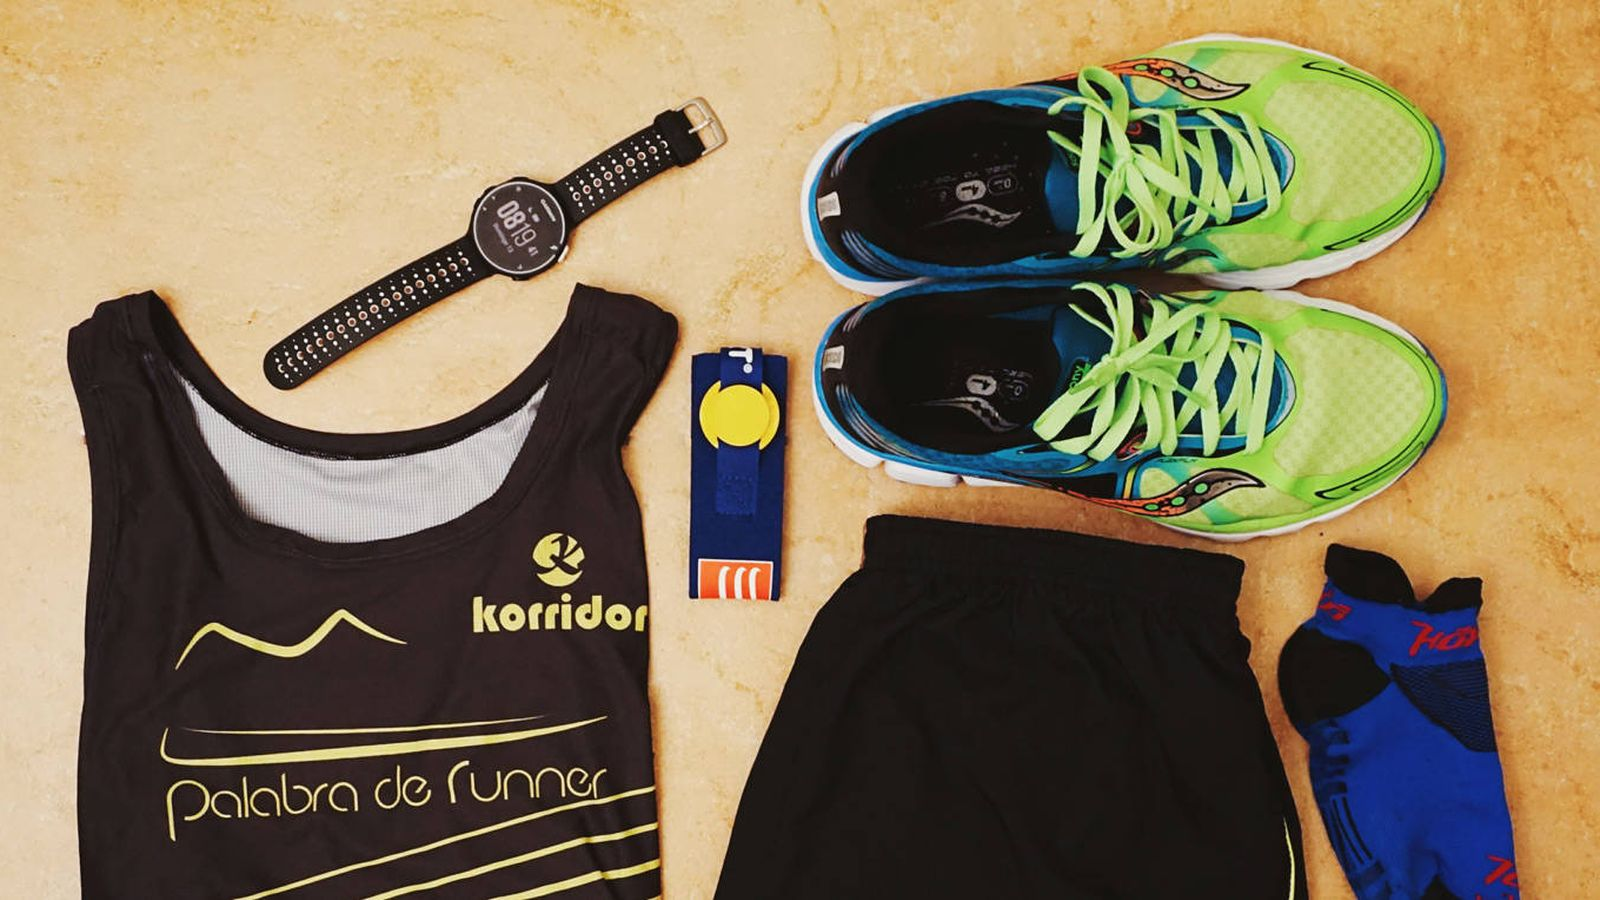 6a420abfaacb4 Running  Ropa y zapatillas para correr  lo que debes saber al hacer running